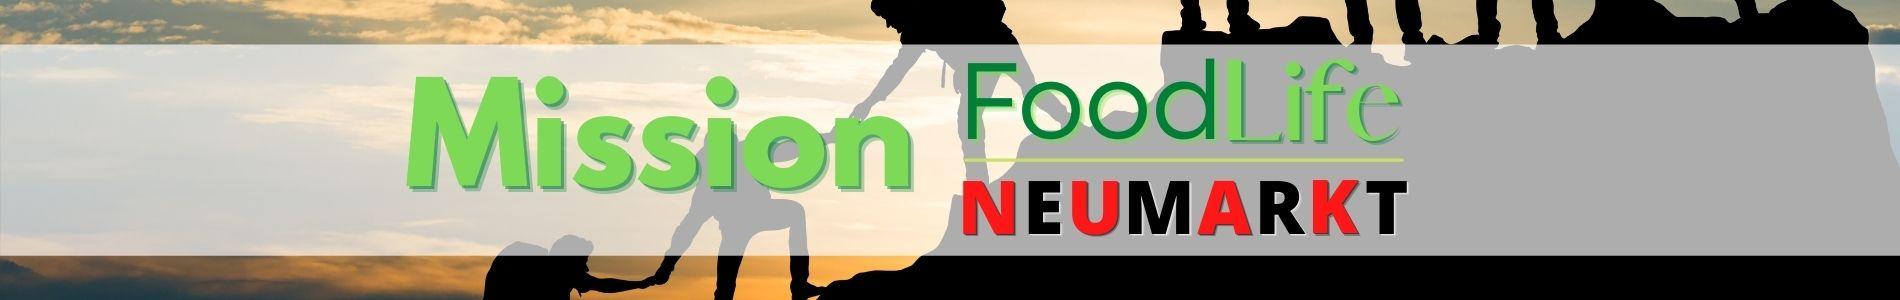 Mission FoodLife Neumarkt Teaser